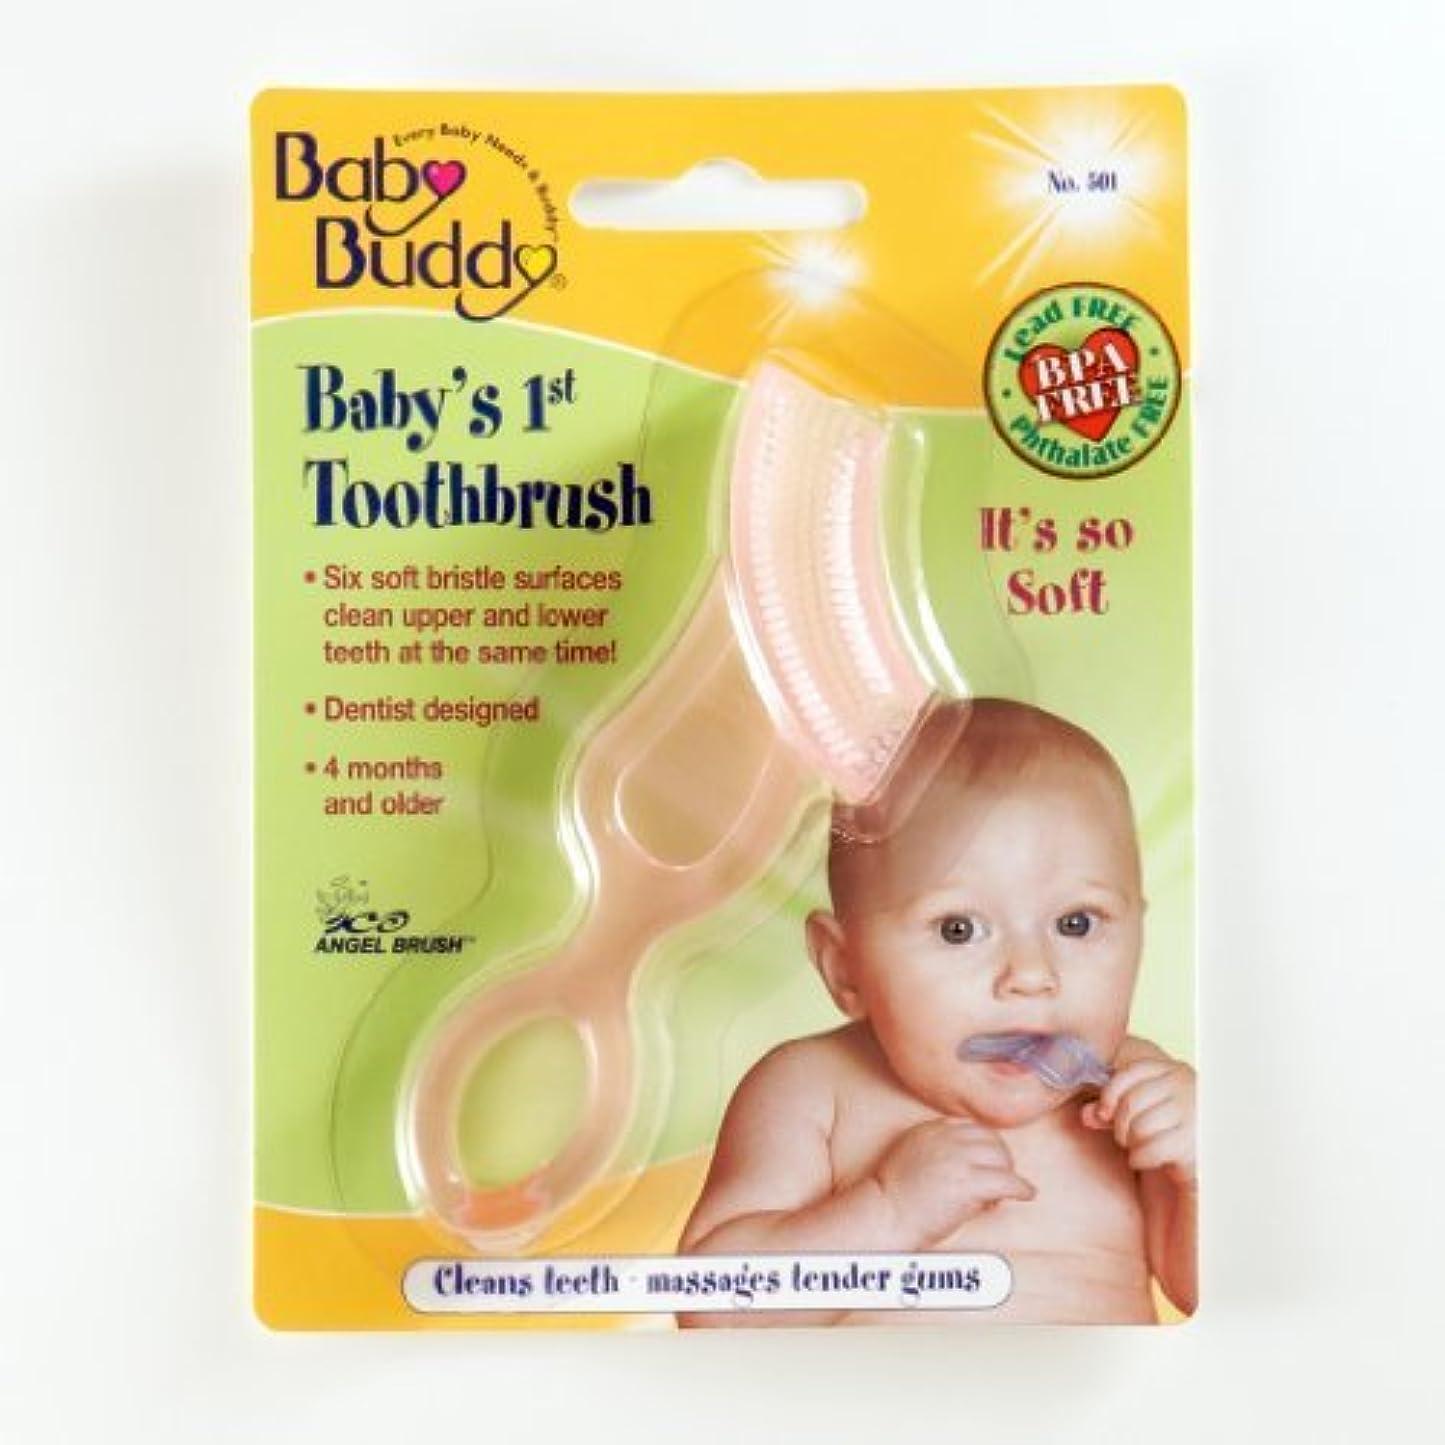 荷物哲学博士チチカカ湖Baby Buddy: Baby's 1st Toothbrush by Baby Buddy [並行輸入品]